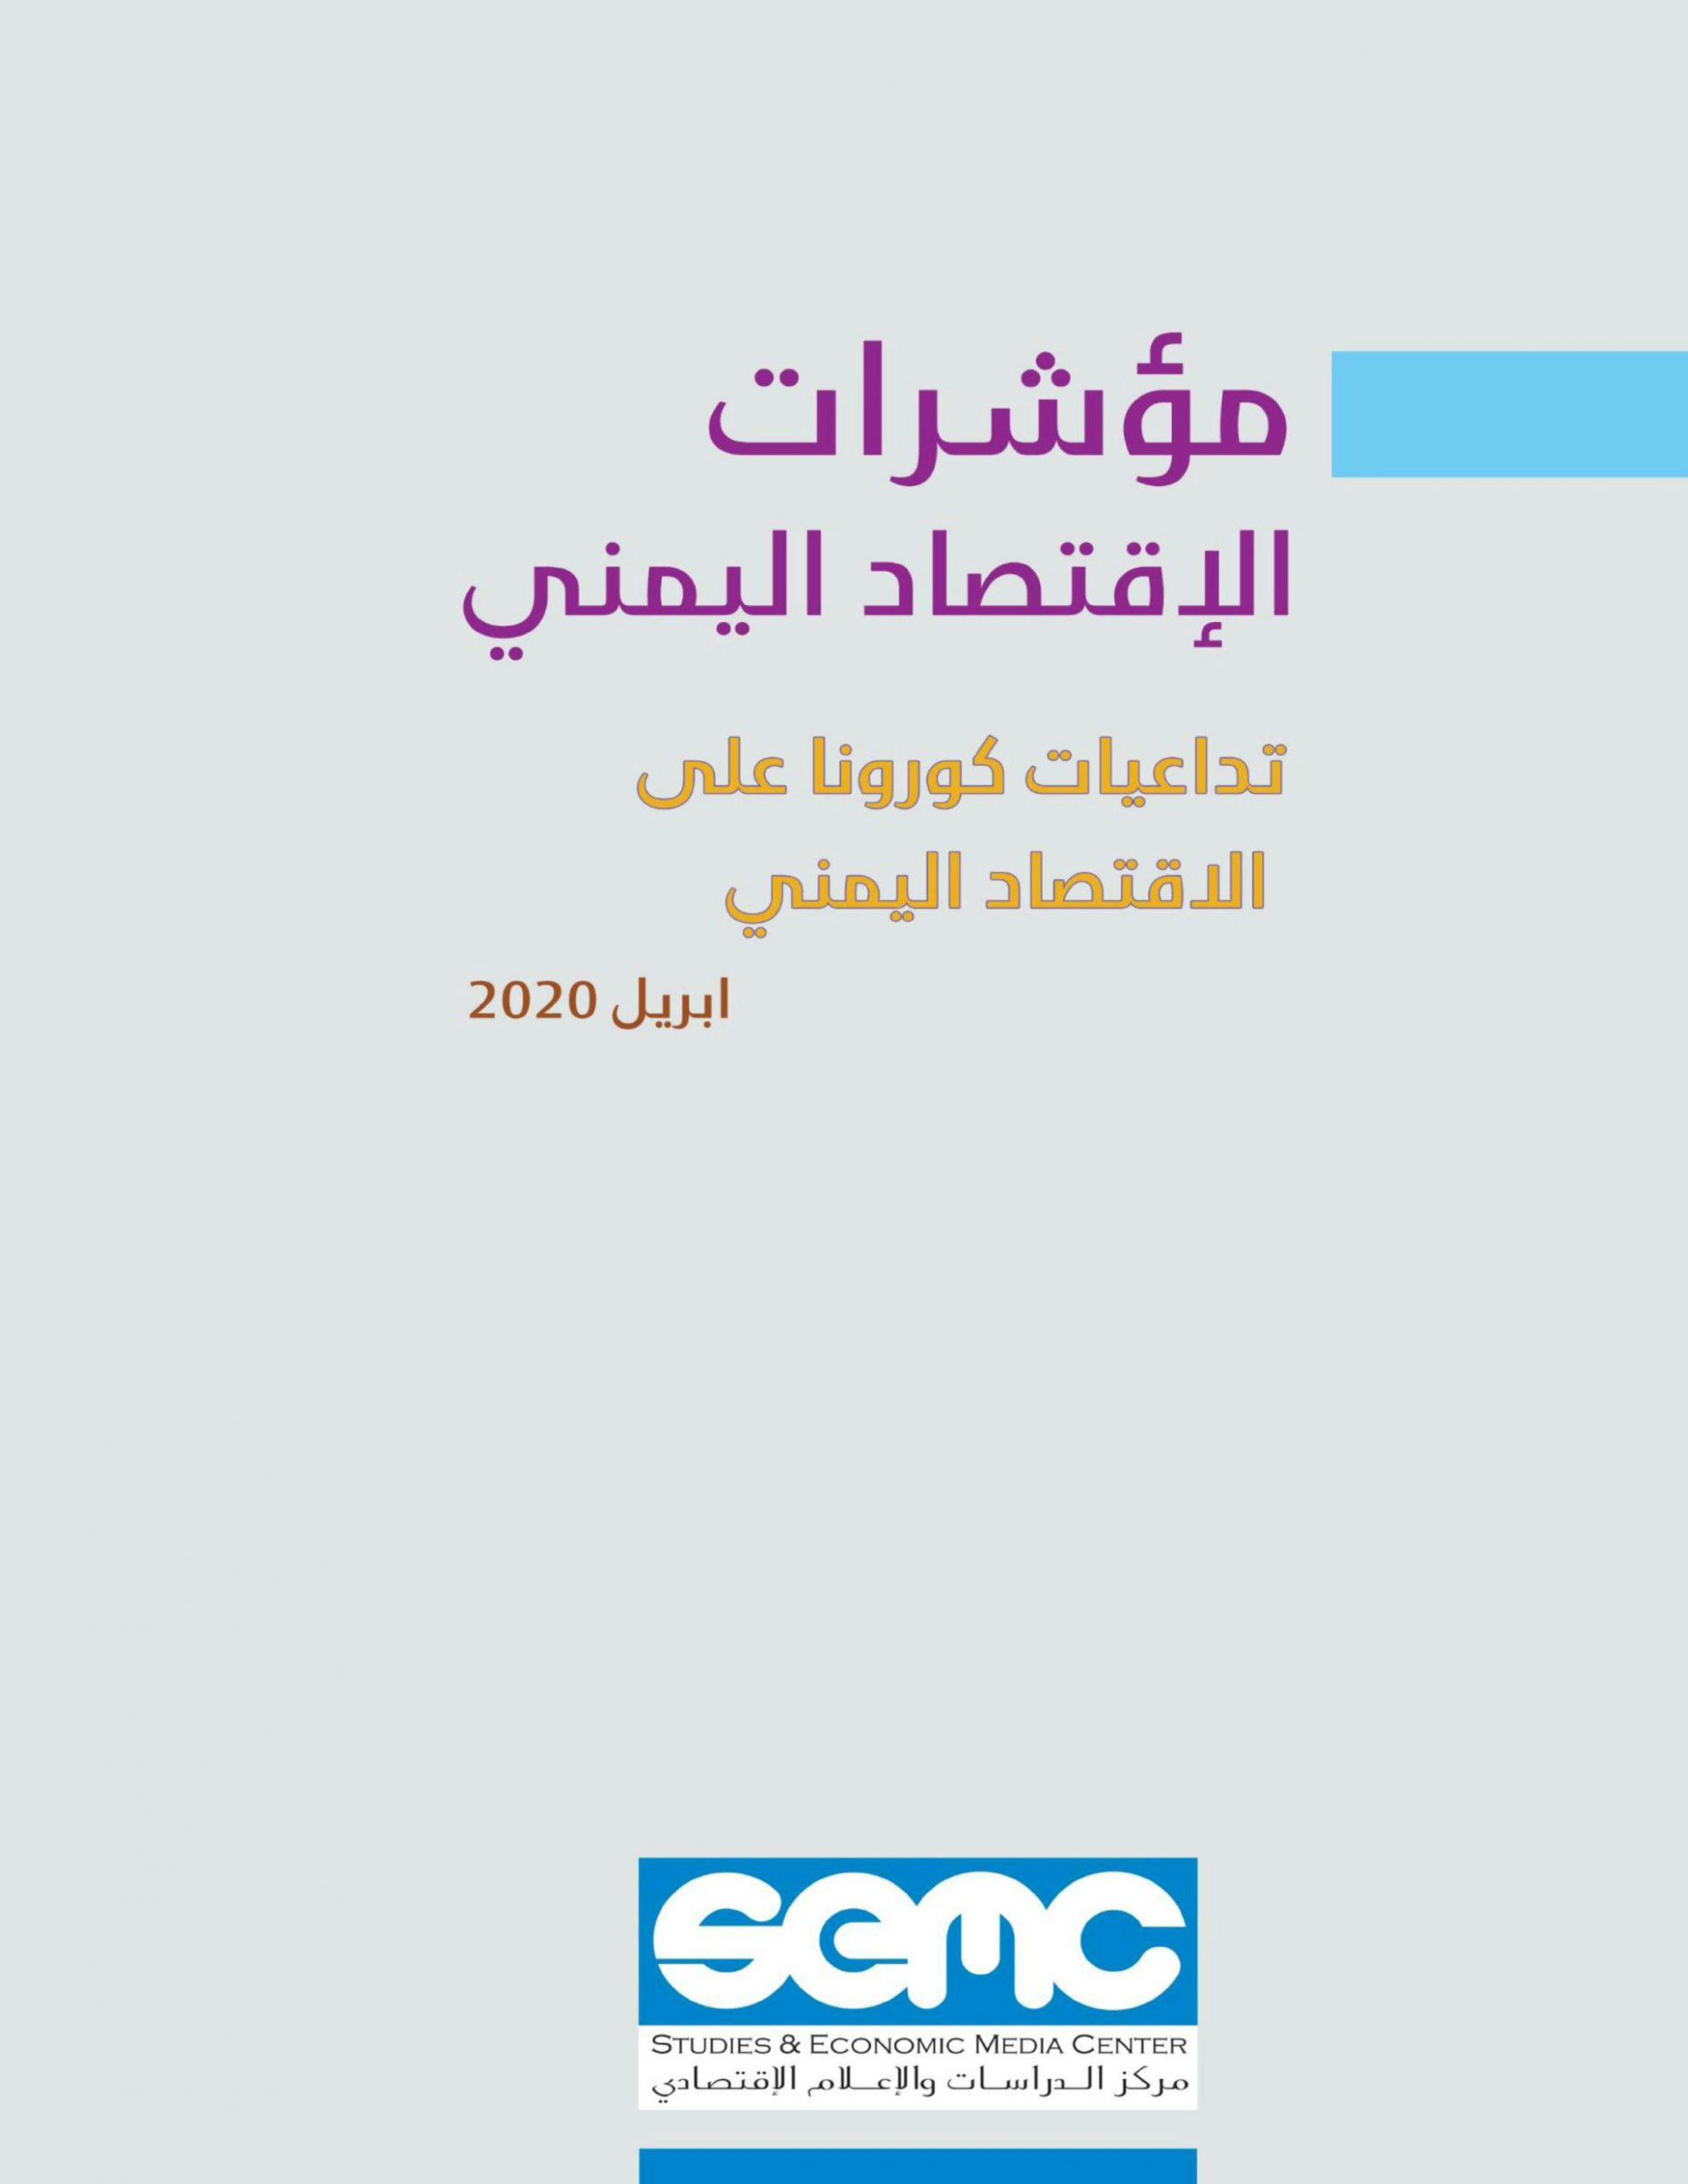 الاعلام الاقتصادي يصدر تقرير مؤشرات الاقتصاد اليمني لشهر ابريل2020م